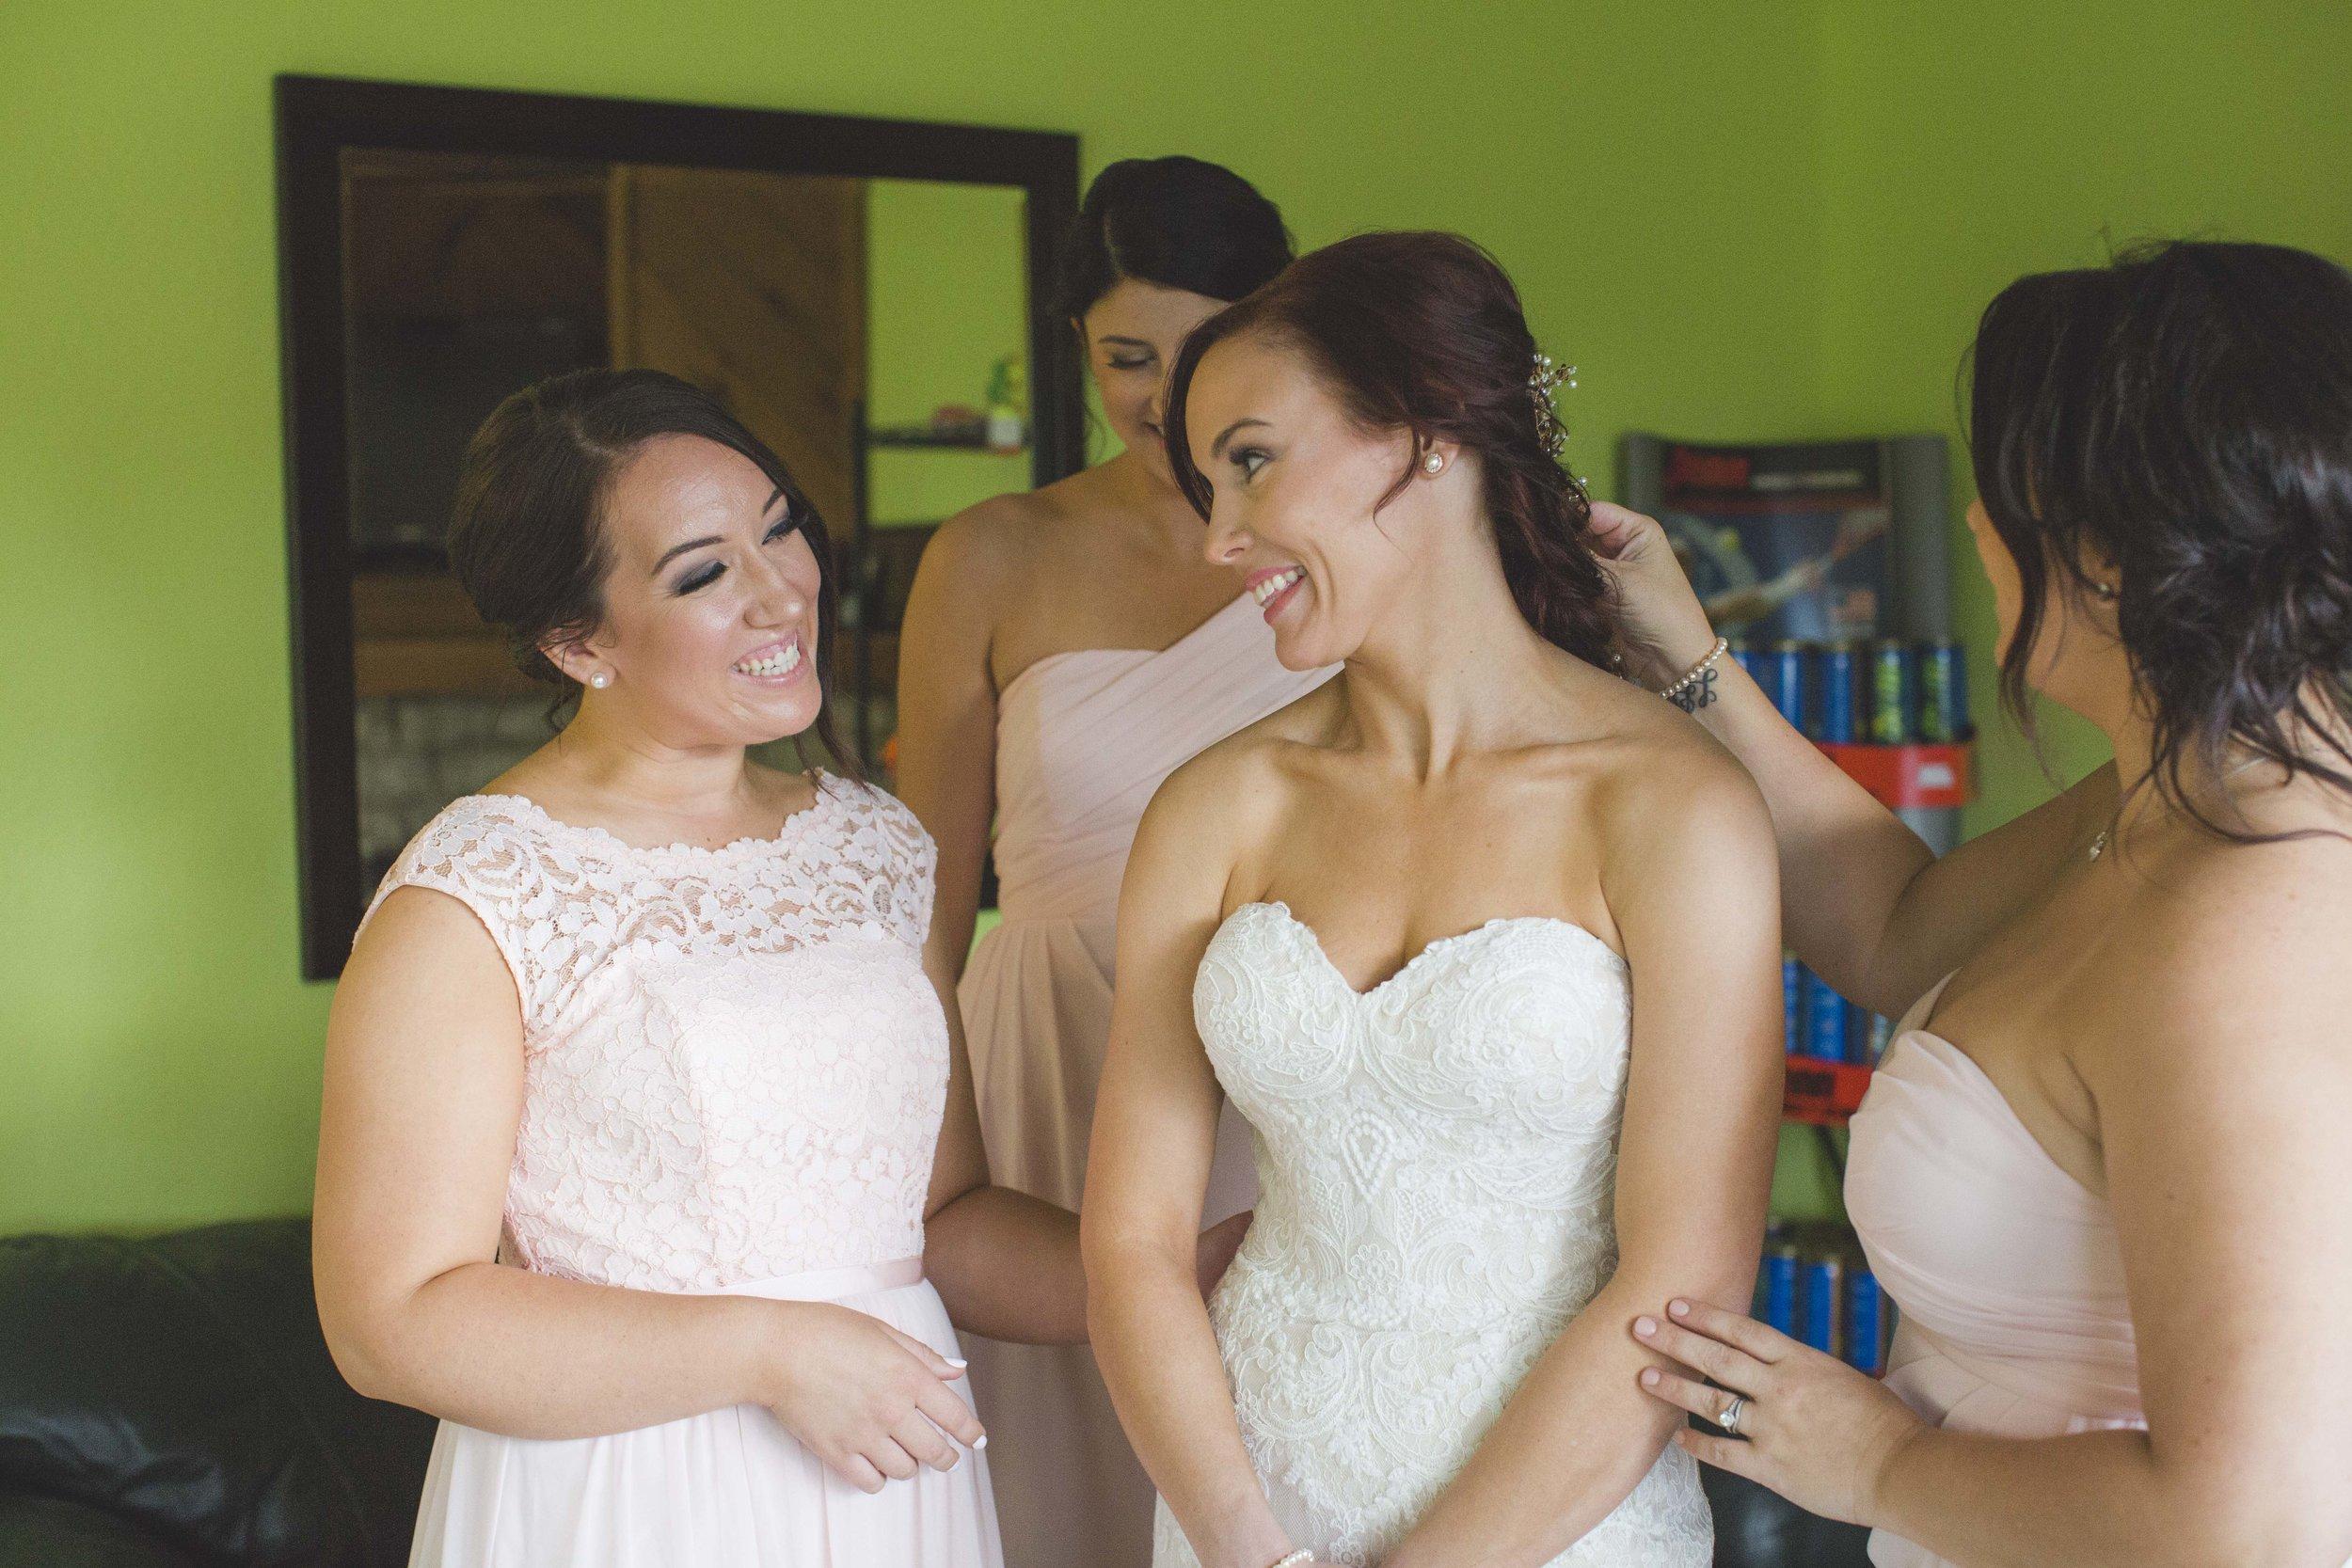 ATGI_Susanna & Matt Wedding_717A7142.jpg